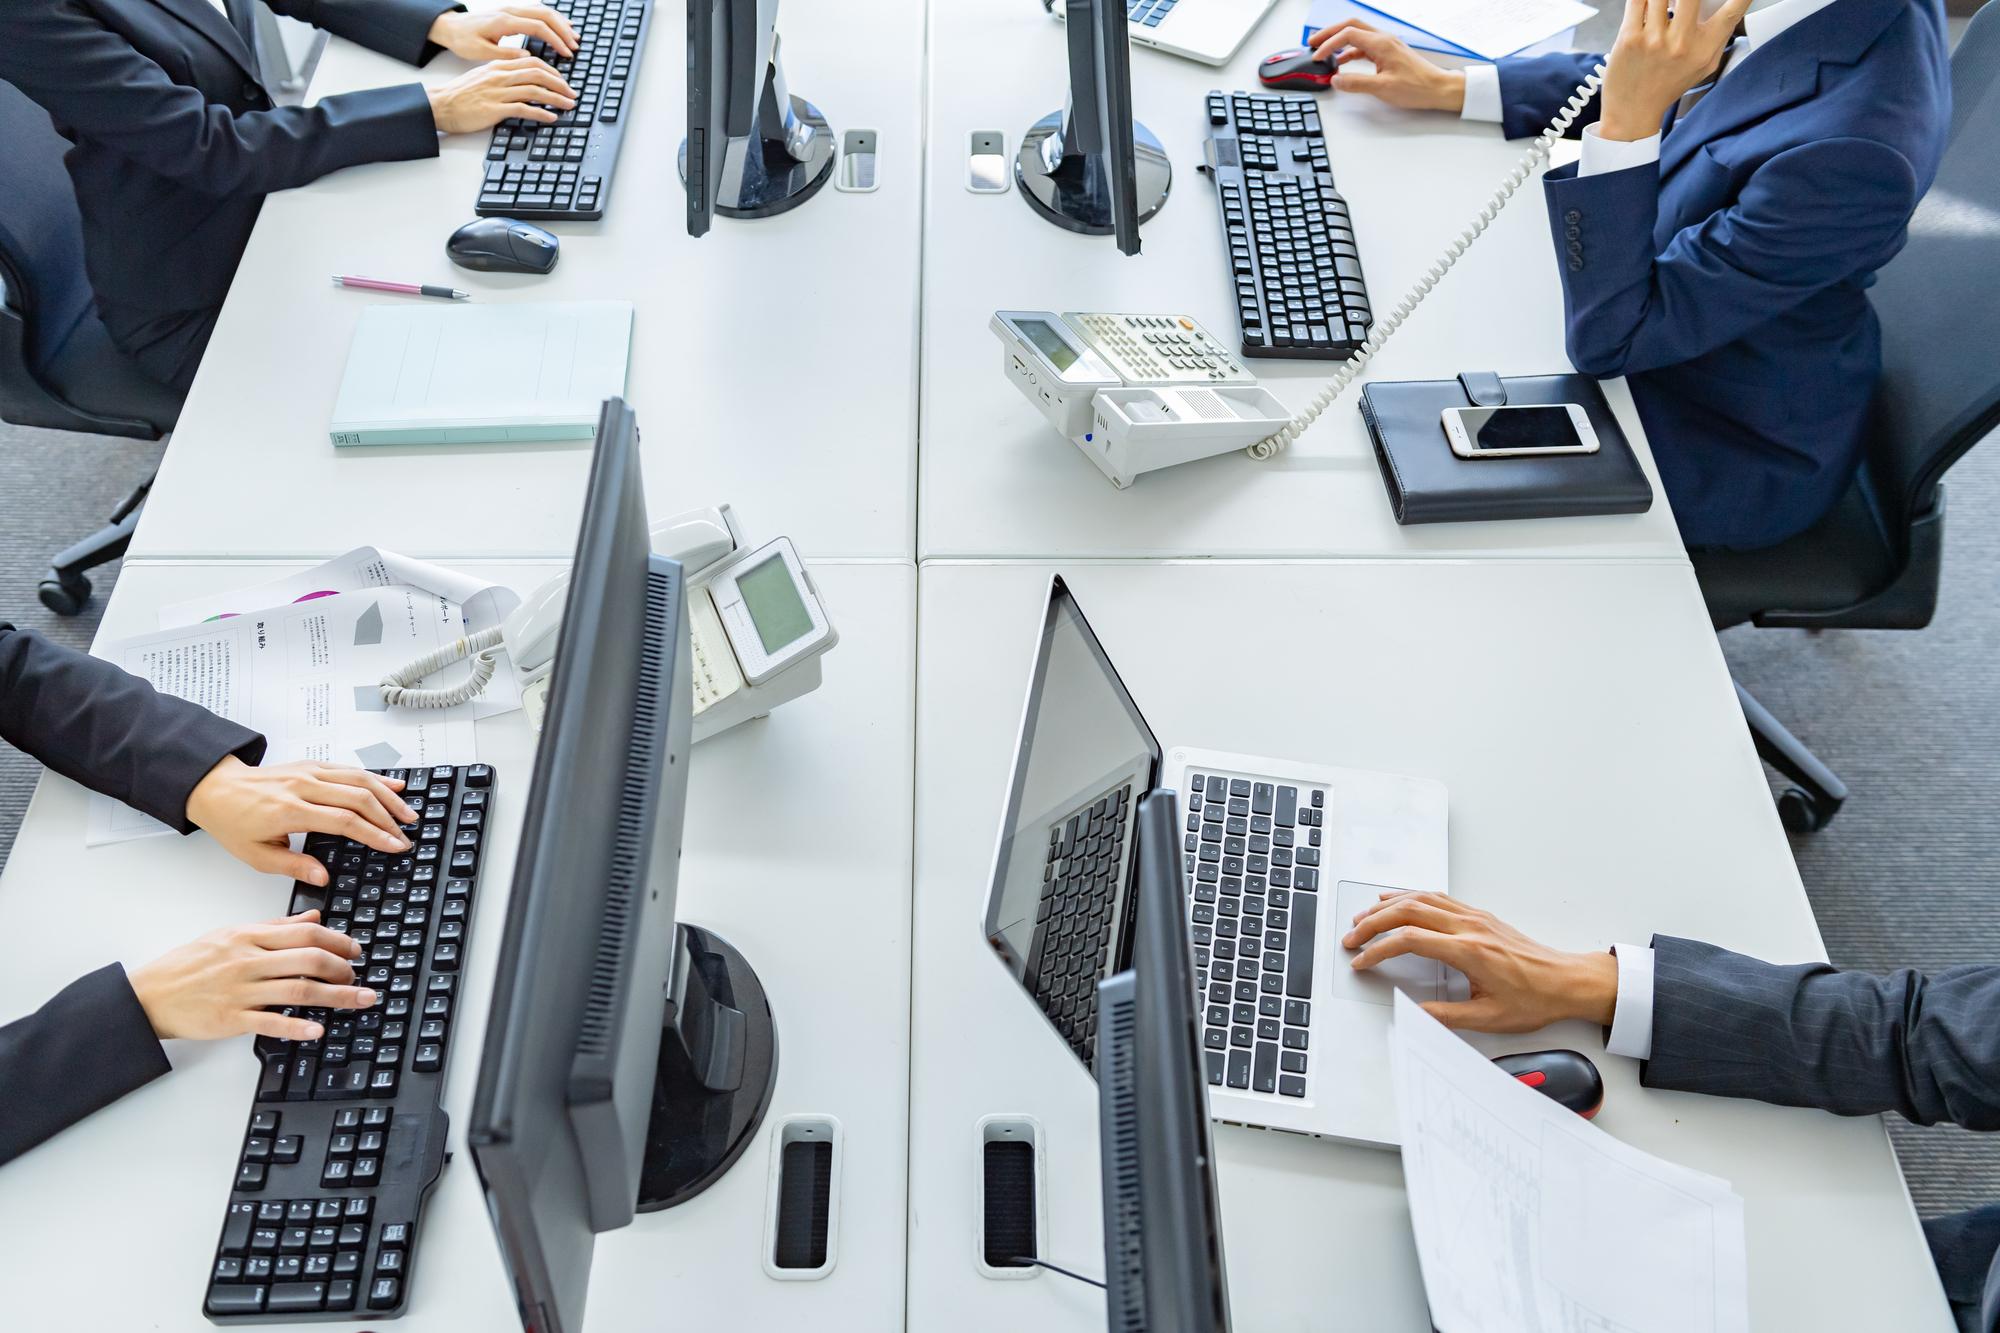 仕事のメールを読みやすくする「改行のコツ」をプロが伝授